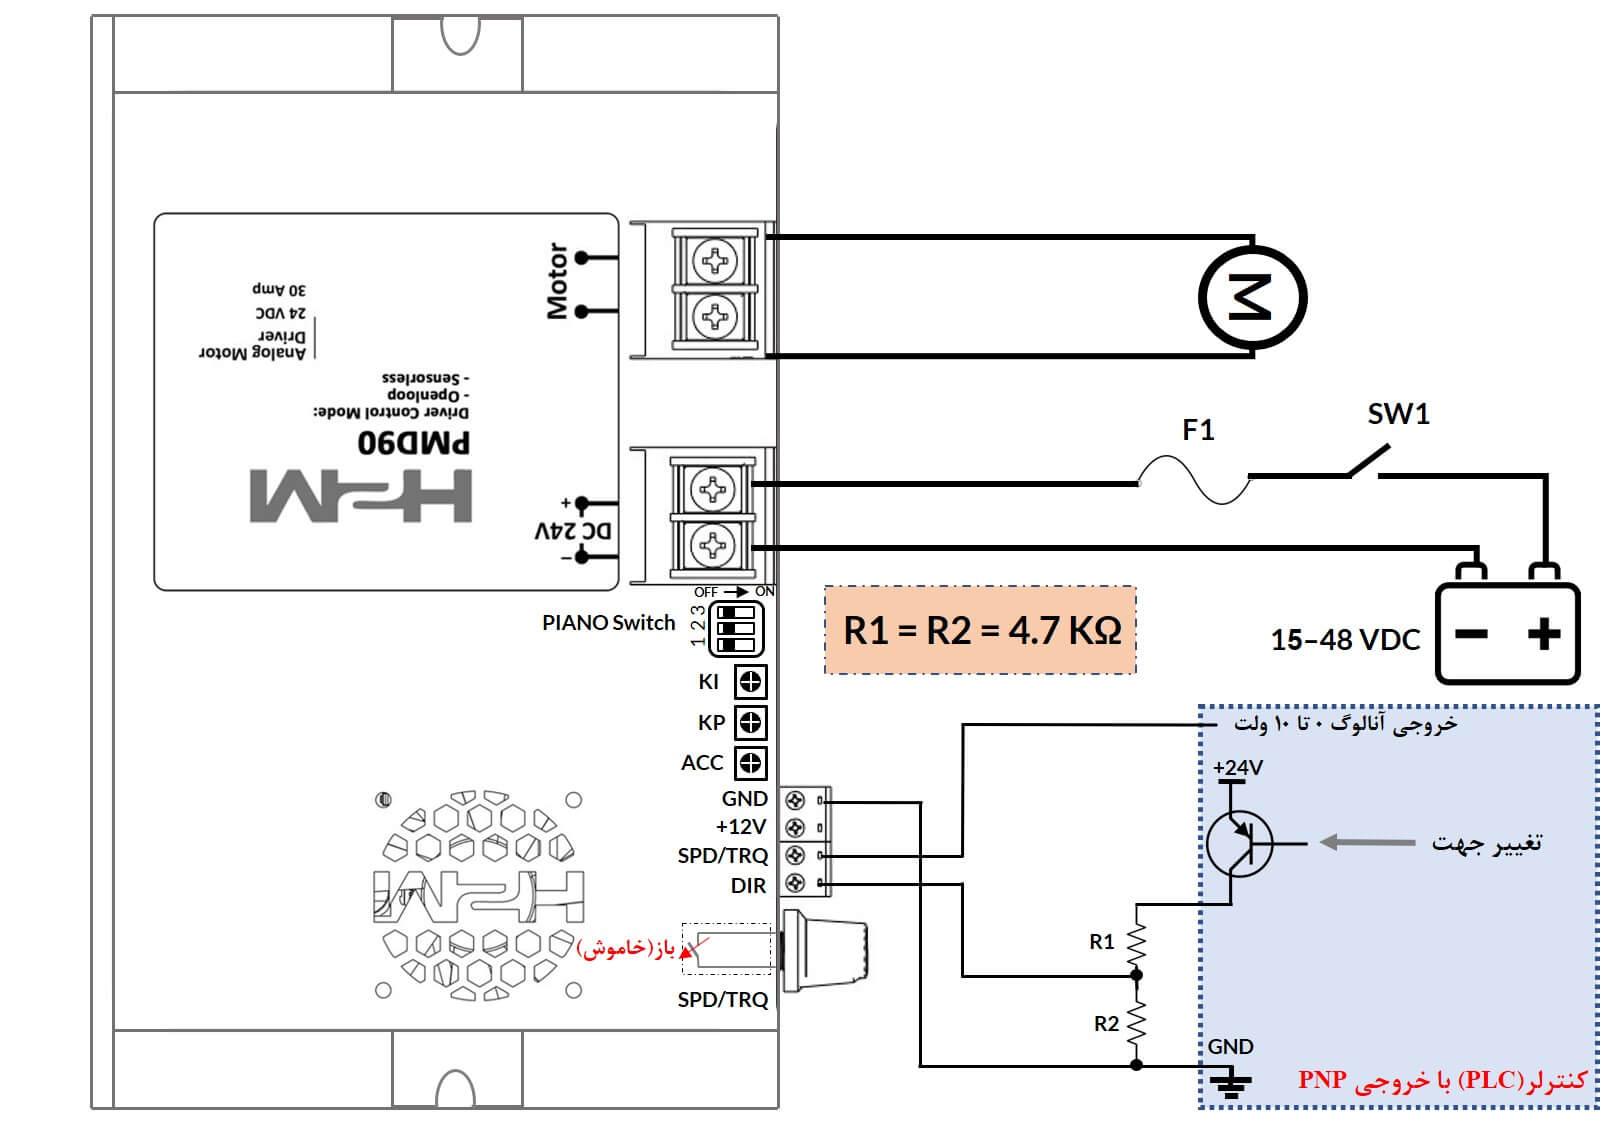 راه اندازی درایور PMD90 با خروجی PNPN با ولتاژ آنالوگ 0 تا 10 ولت - شکل ۱۱) راه اندازی درایور با کنترلر (PLC) با خروجی PNP